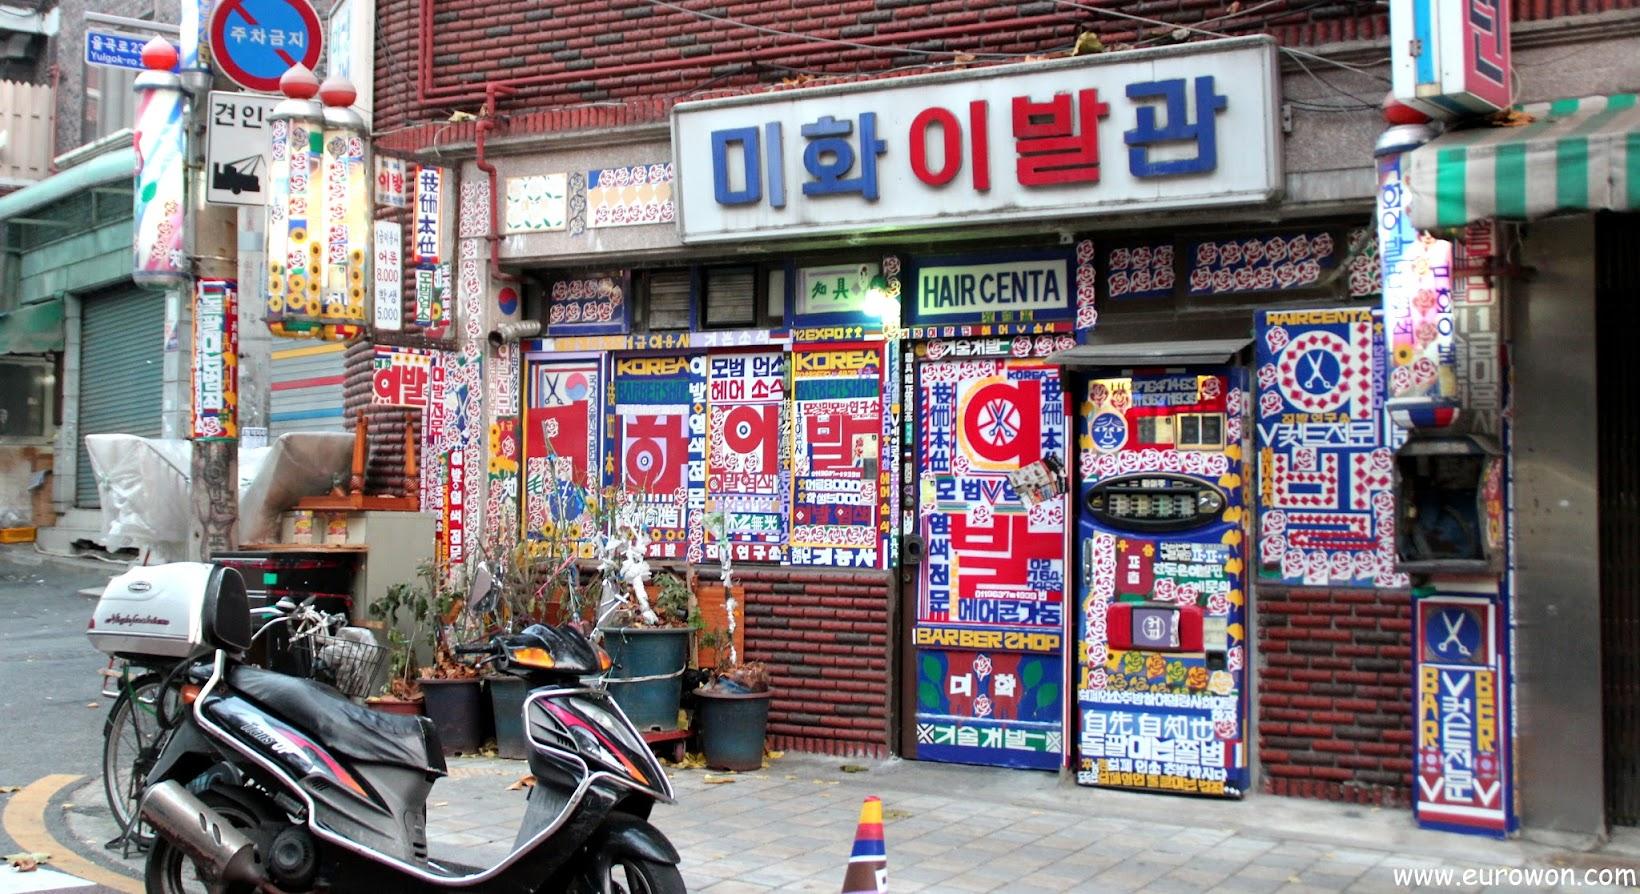 Barbería coreana con pirulís giratorios y pegatinas de colores en las ventanas